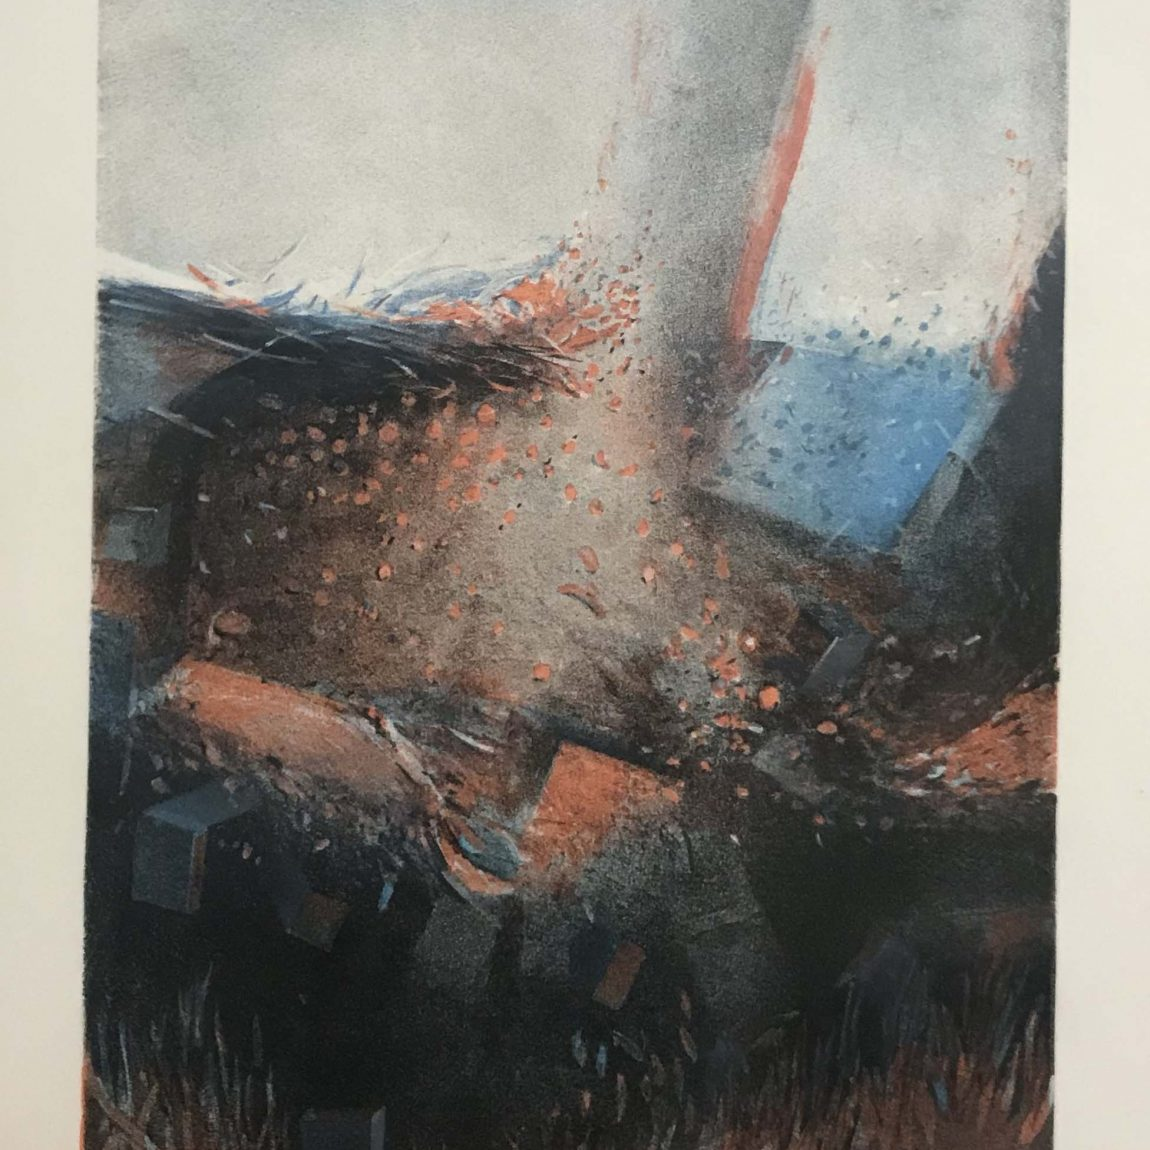 Atilla Atar - Teknik: Litografi Ölçü: 39 x 30 cm Fiyat : 4.200 TL